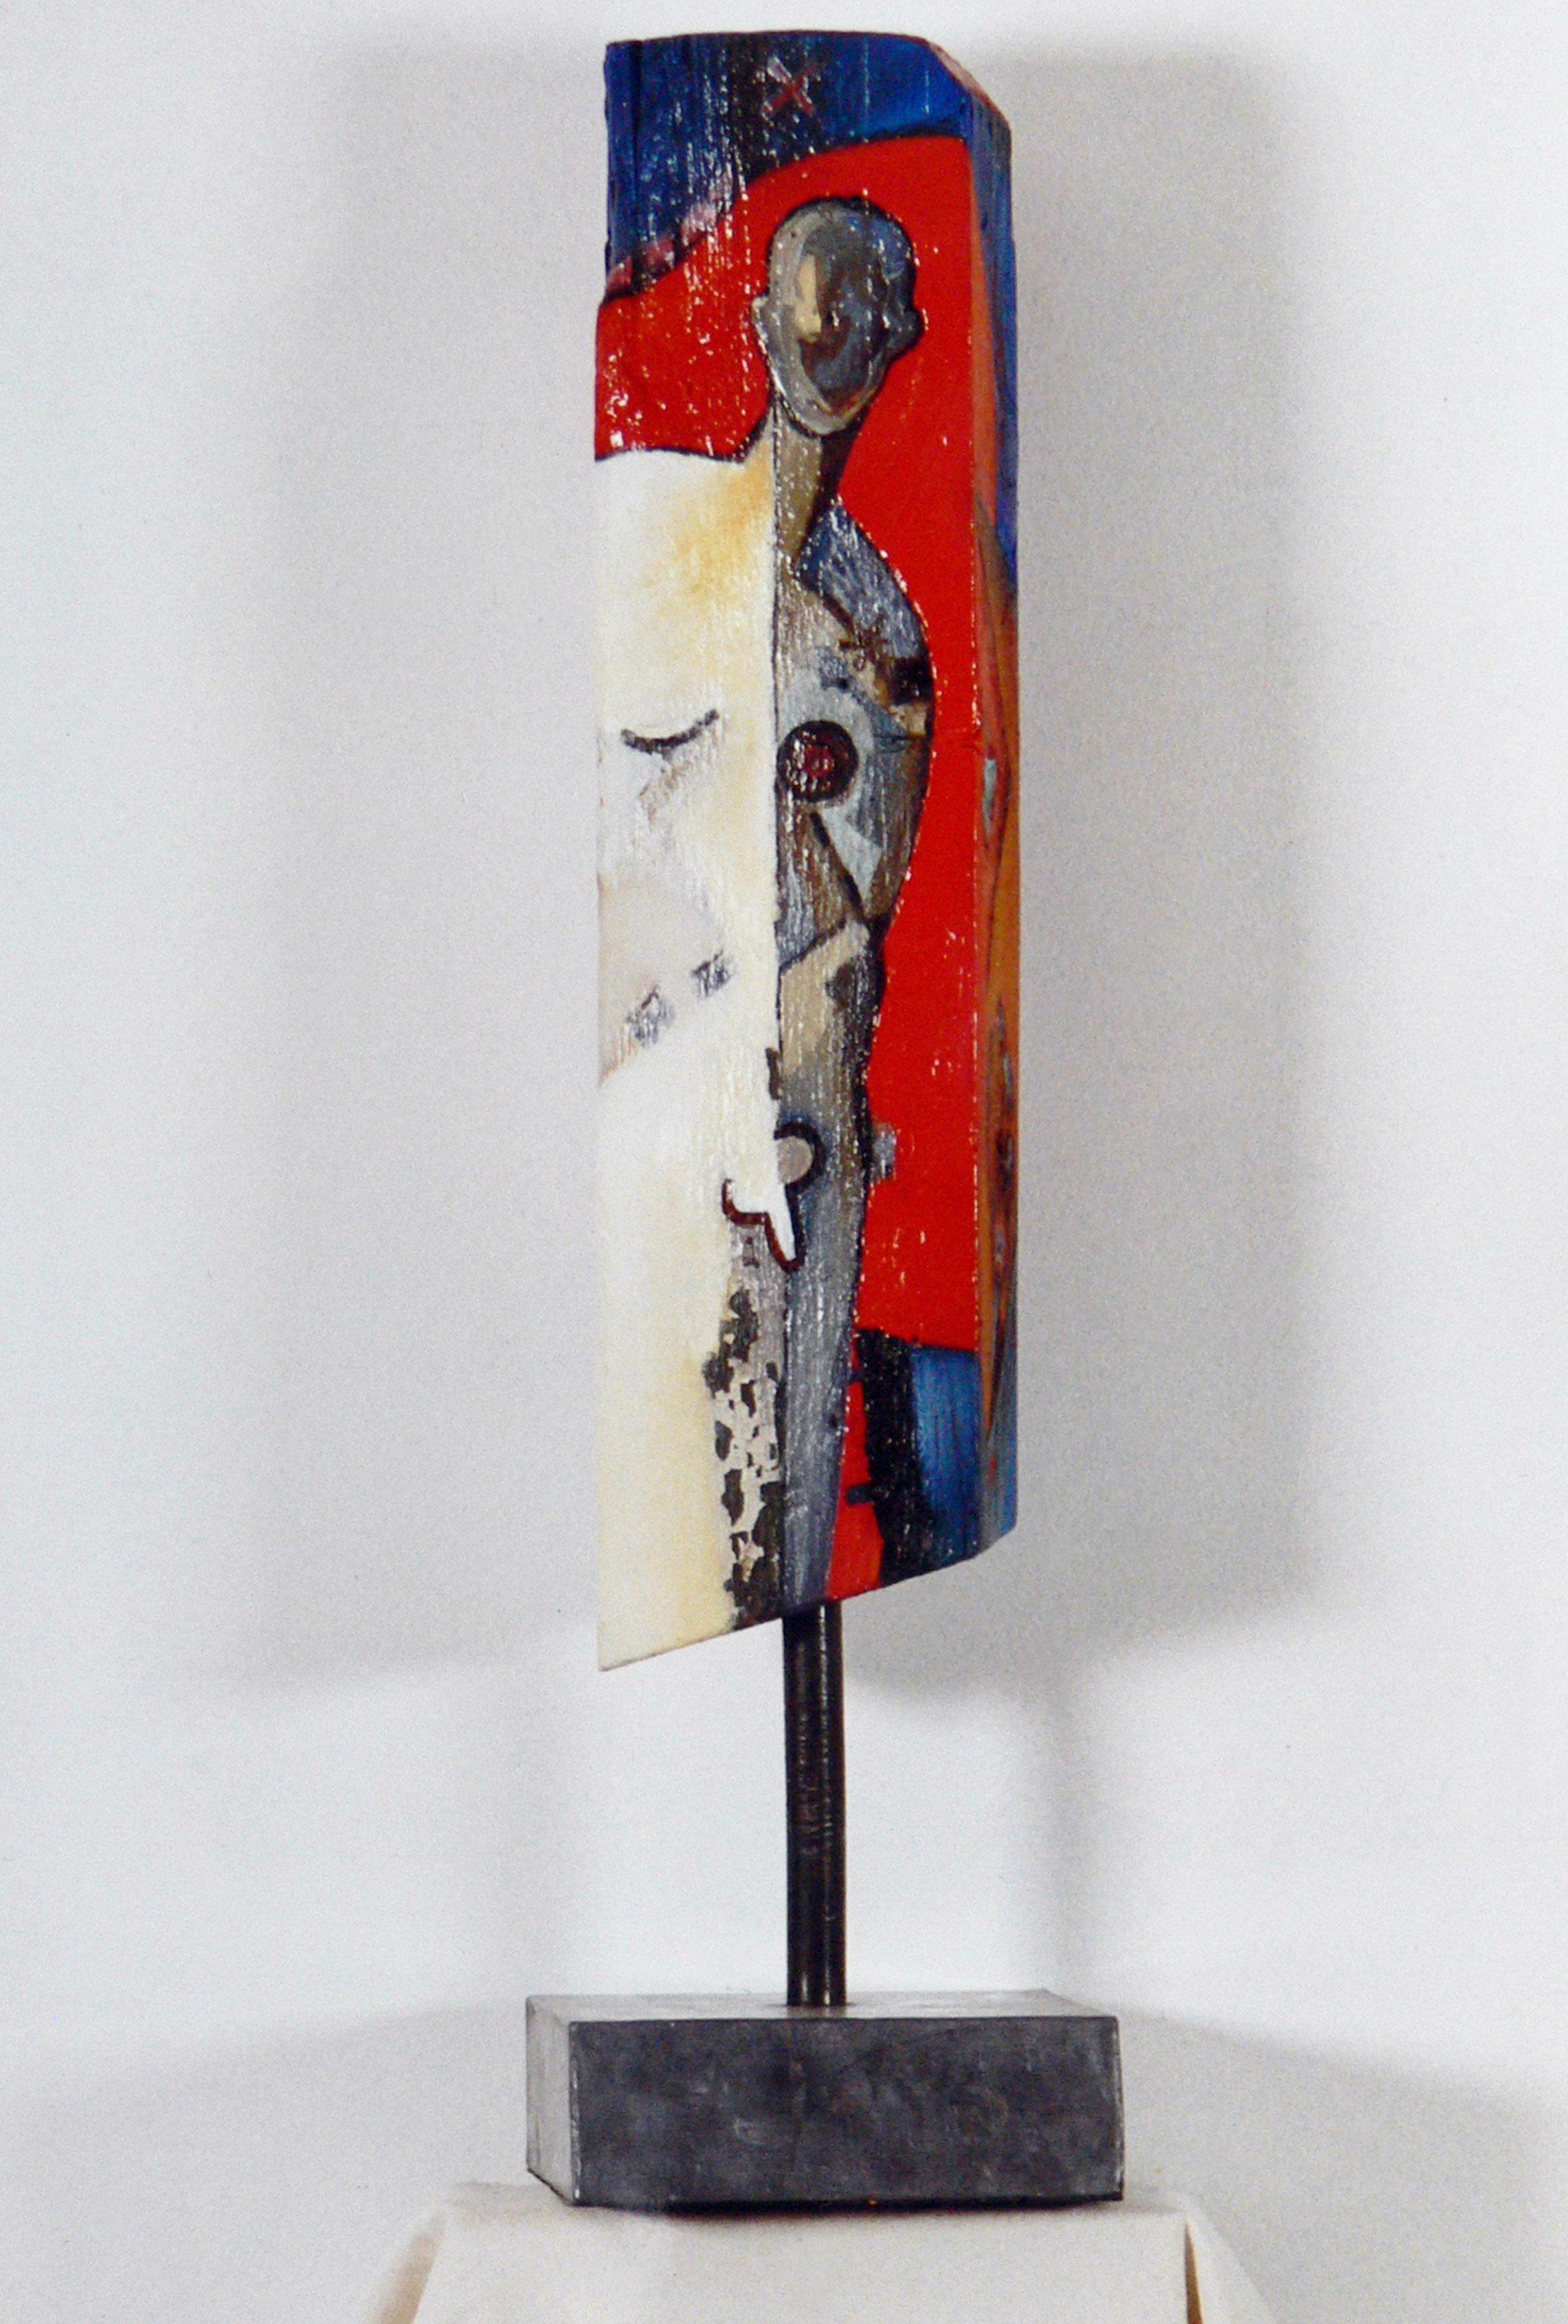 DECREME-Sans-titre-Huile-sur-bois-55x18x8cm-1998